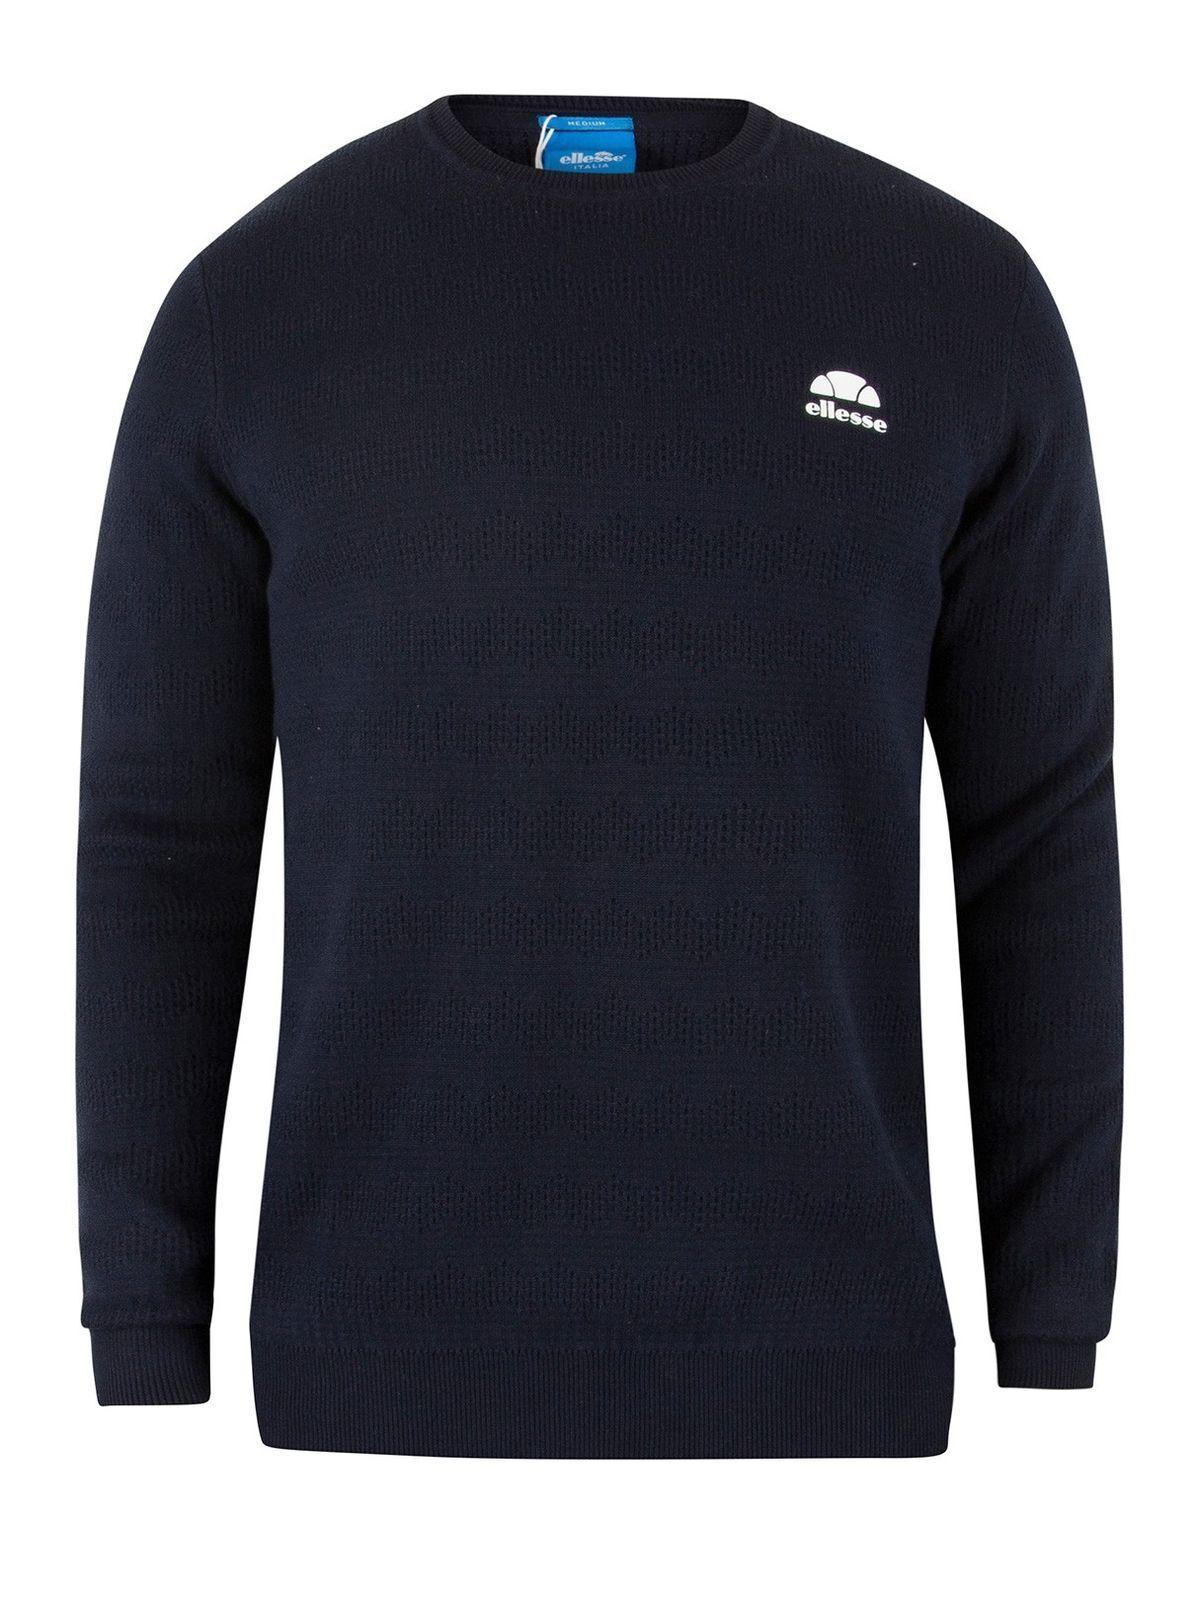 ELLESSE Men's BRINDISI Textured Italia Knit Jumper, bluee, Large